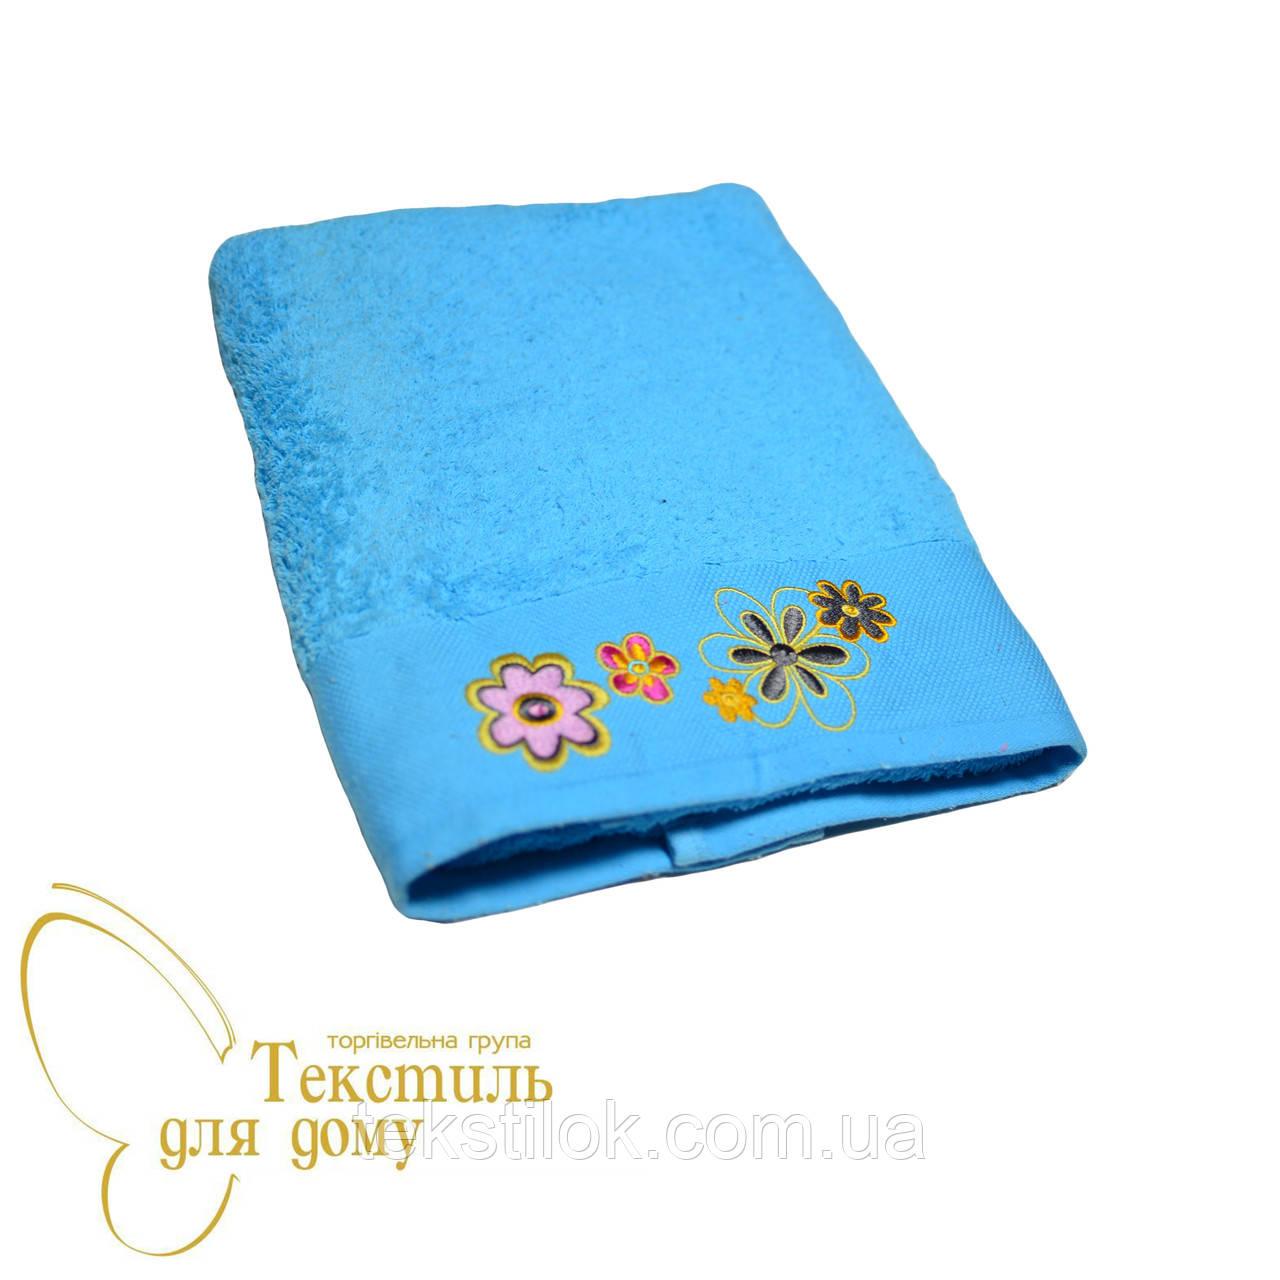 Полотенце банное 70*140 Cotton, голубой